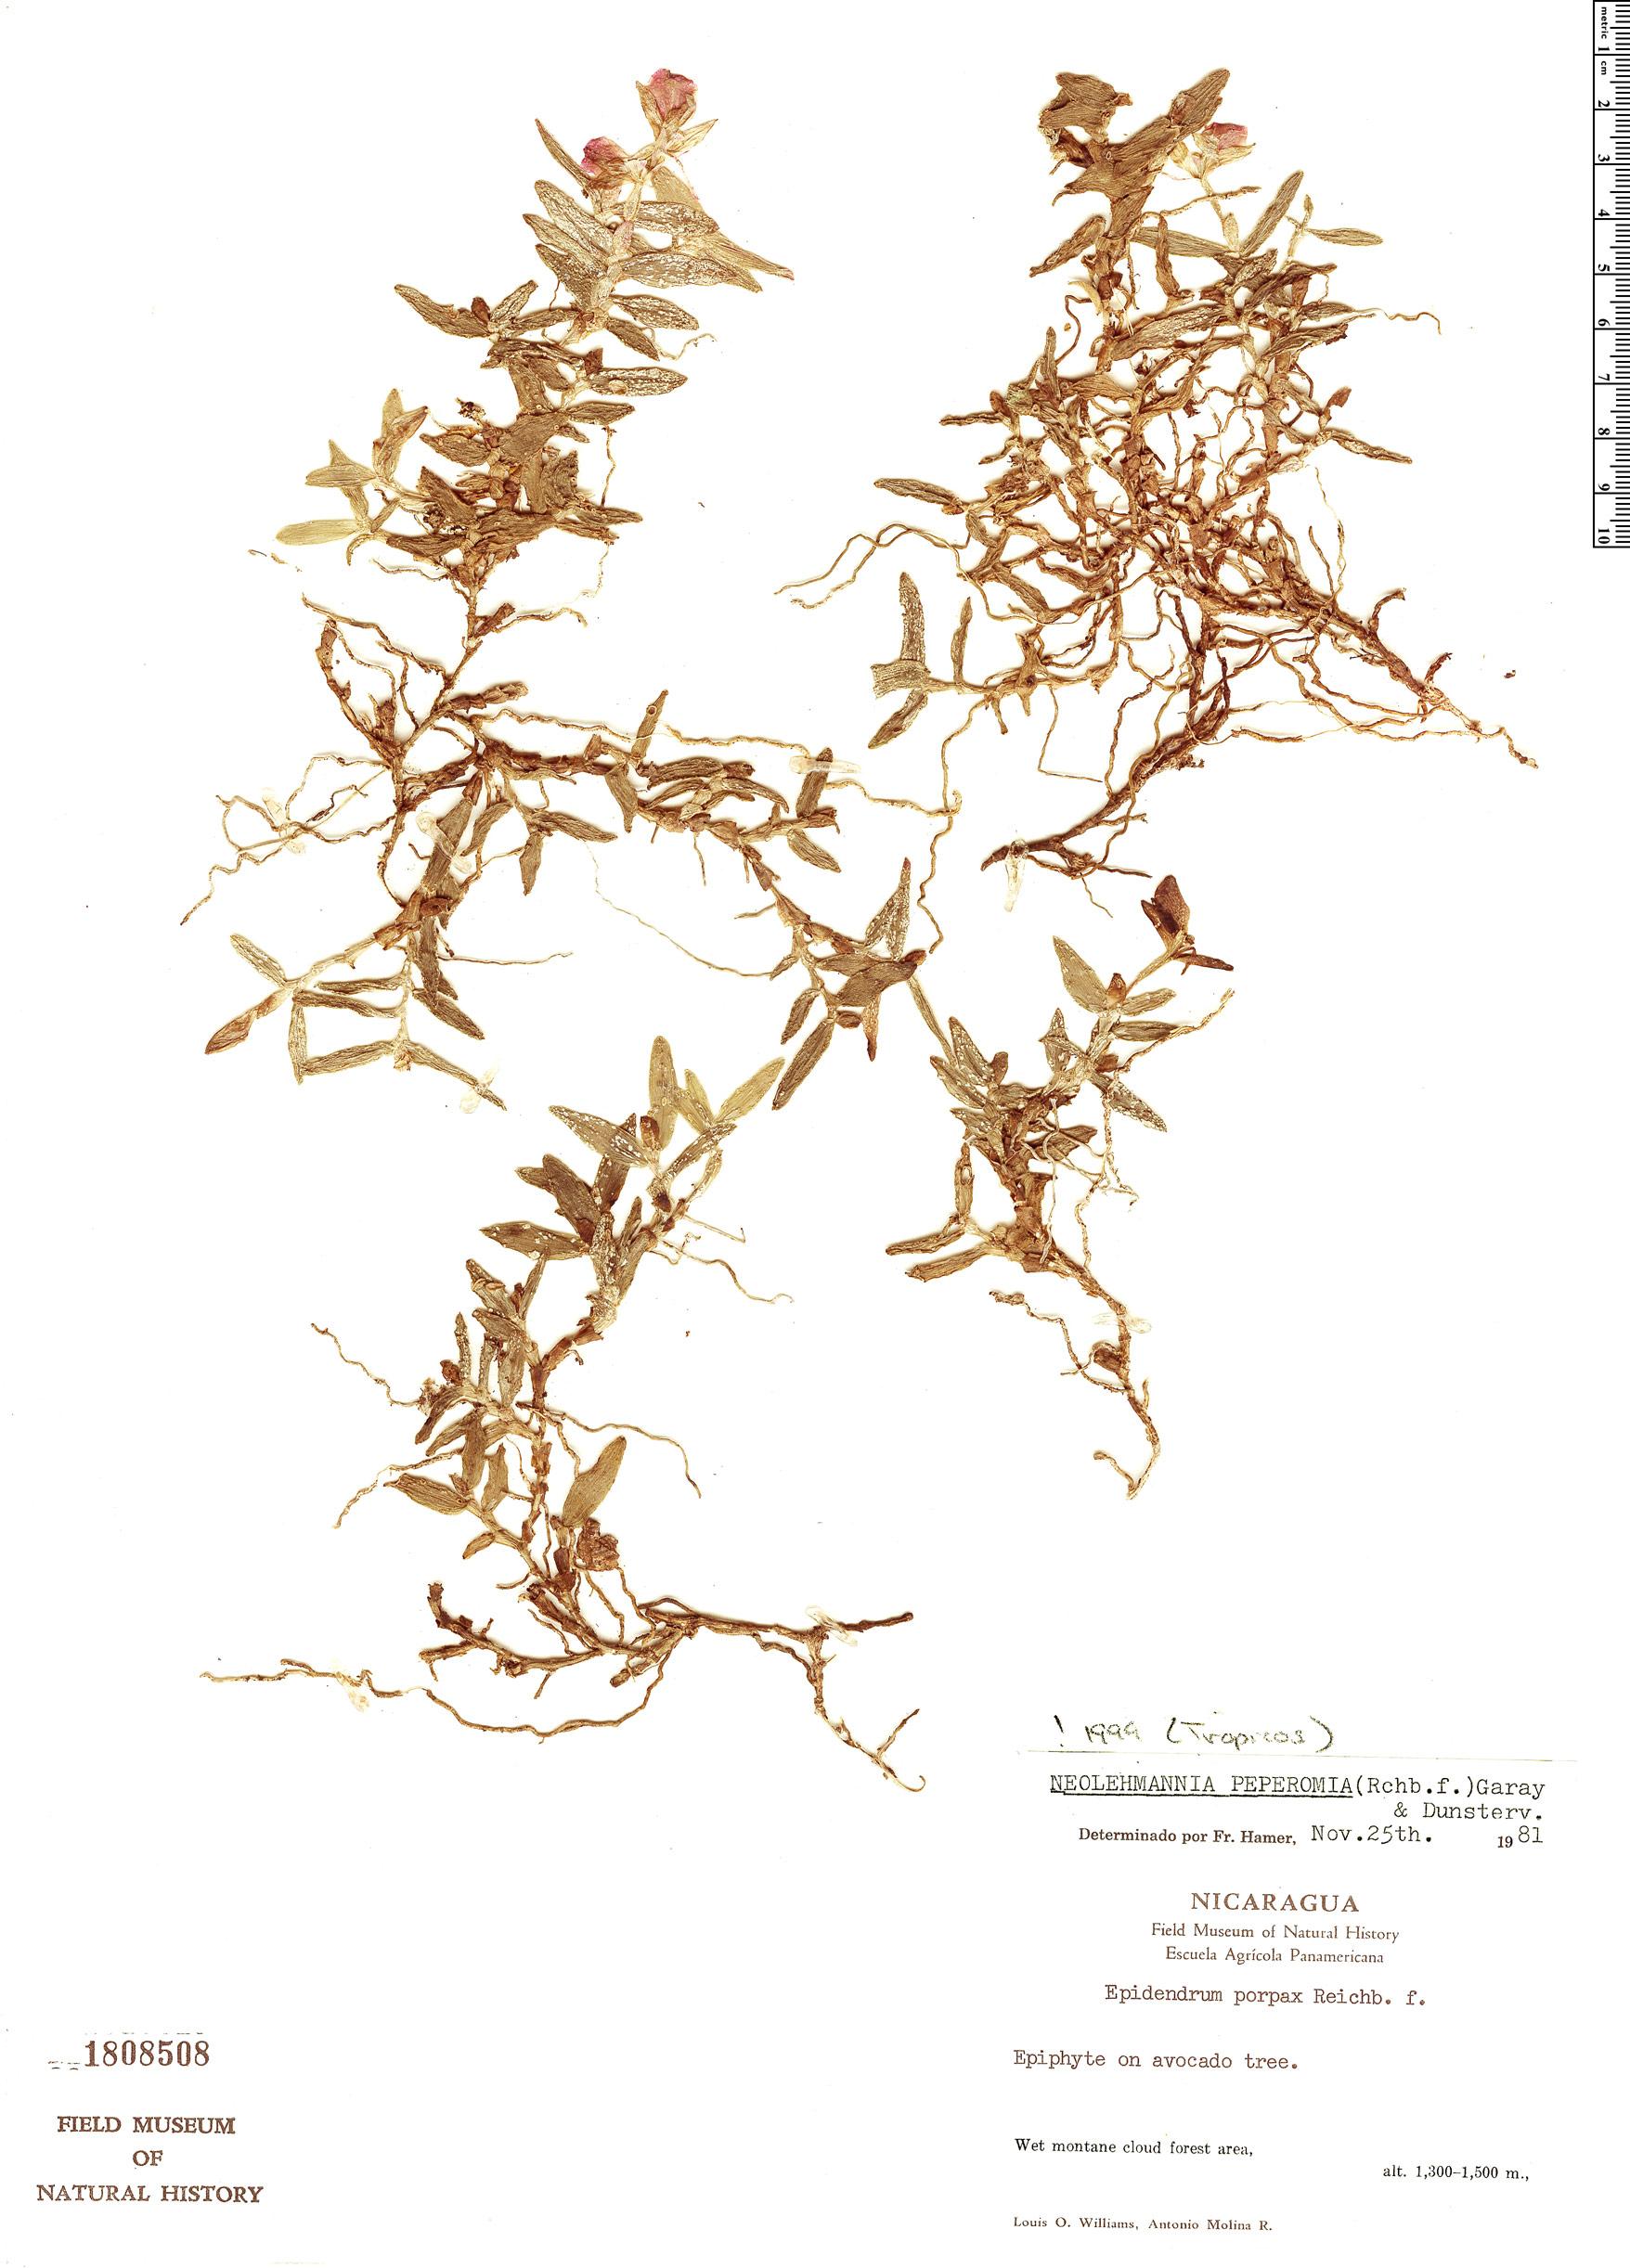 Specimen: Epidendrum peperomia